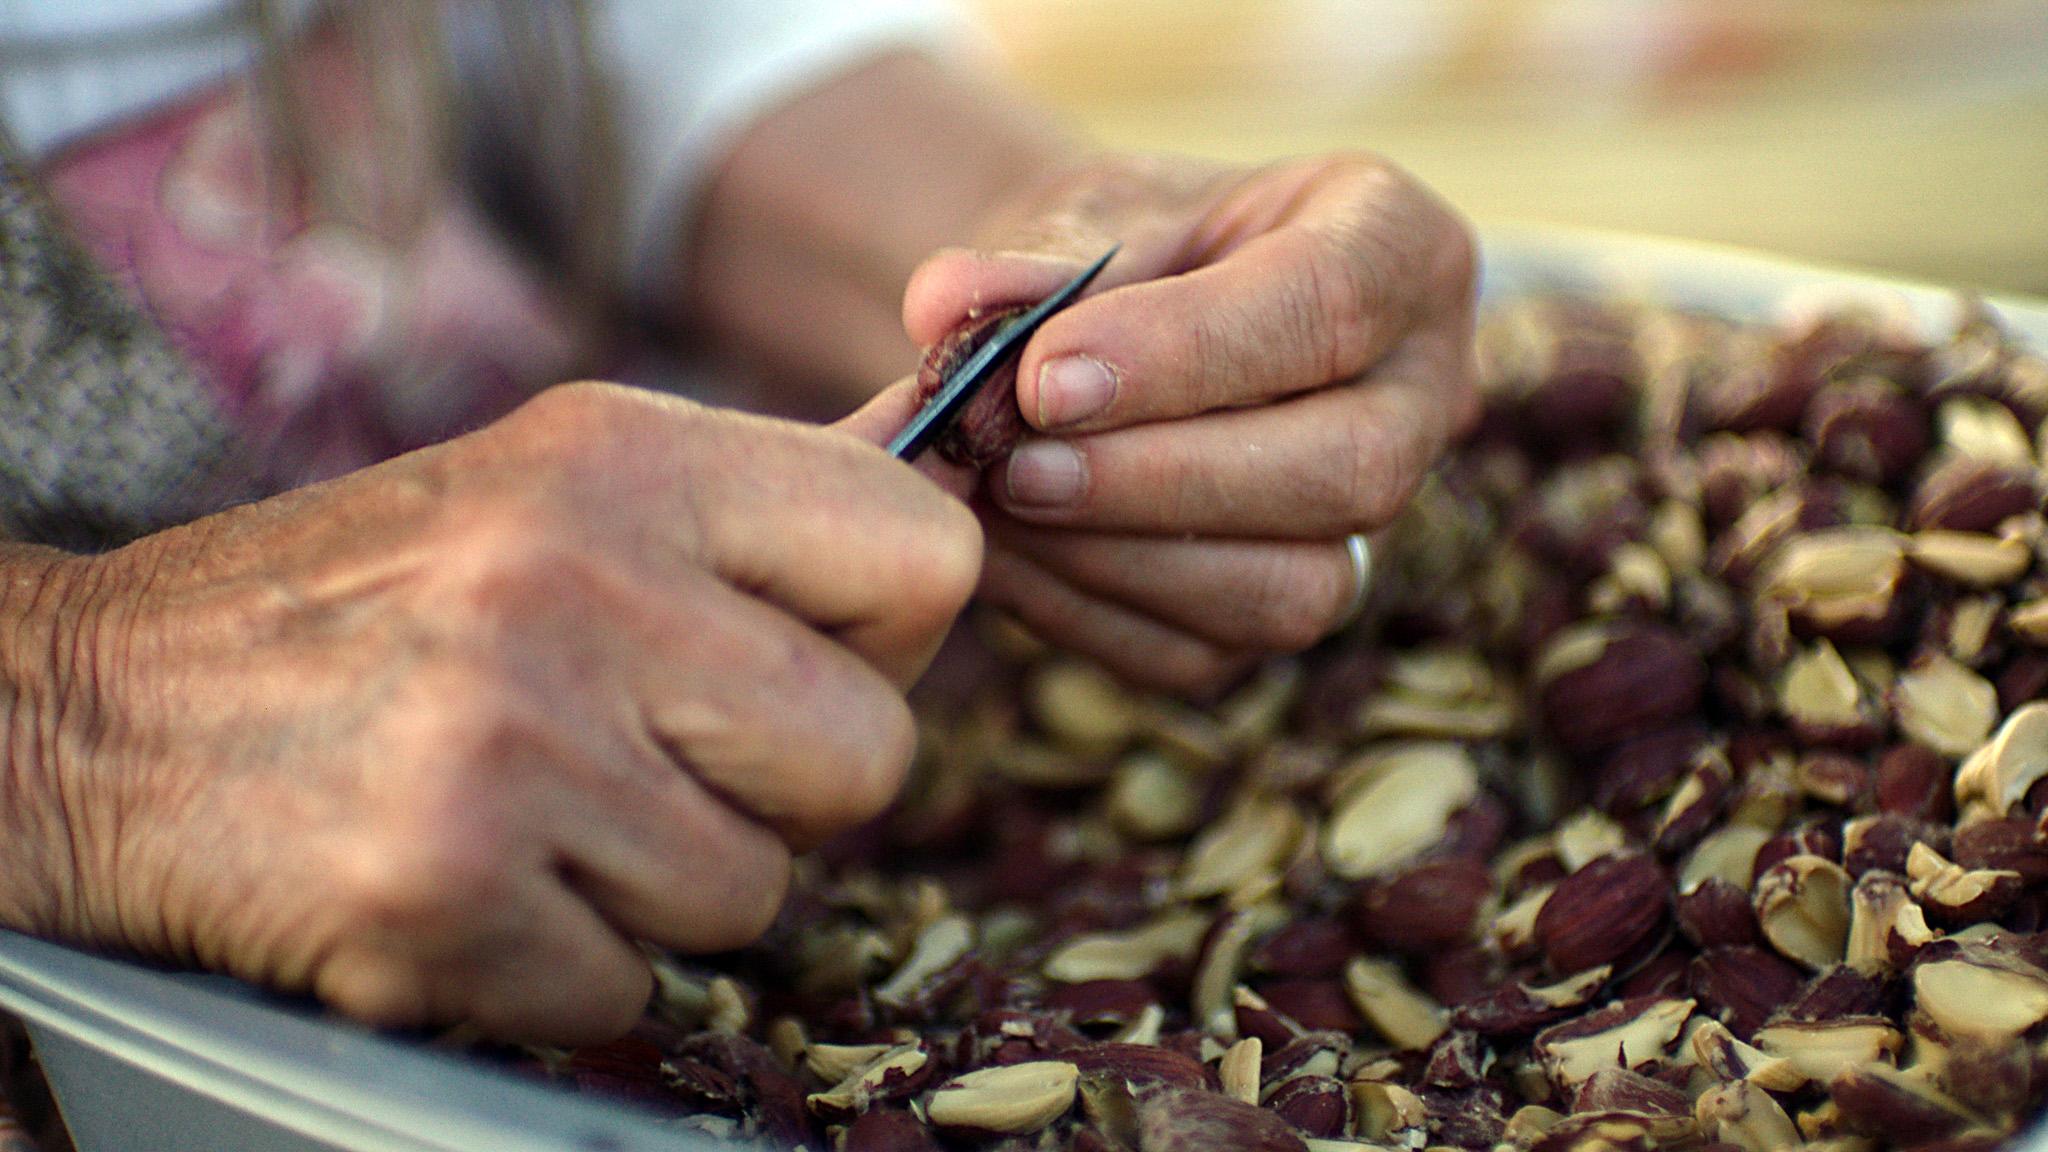 loisconnerbohna_peeling_acorns_northfork.jpg